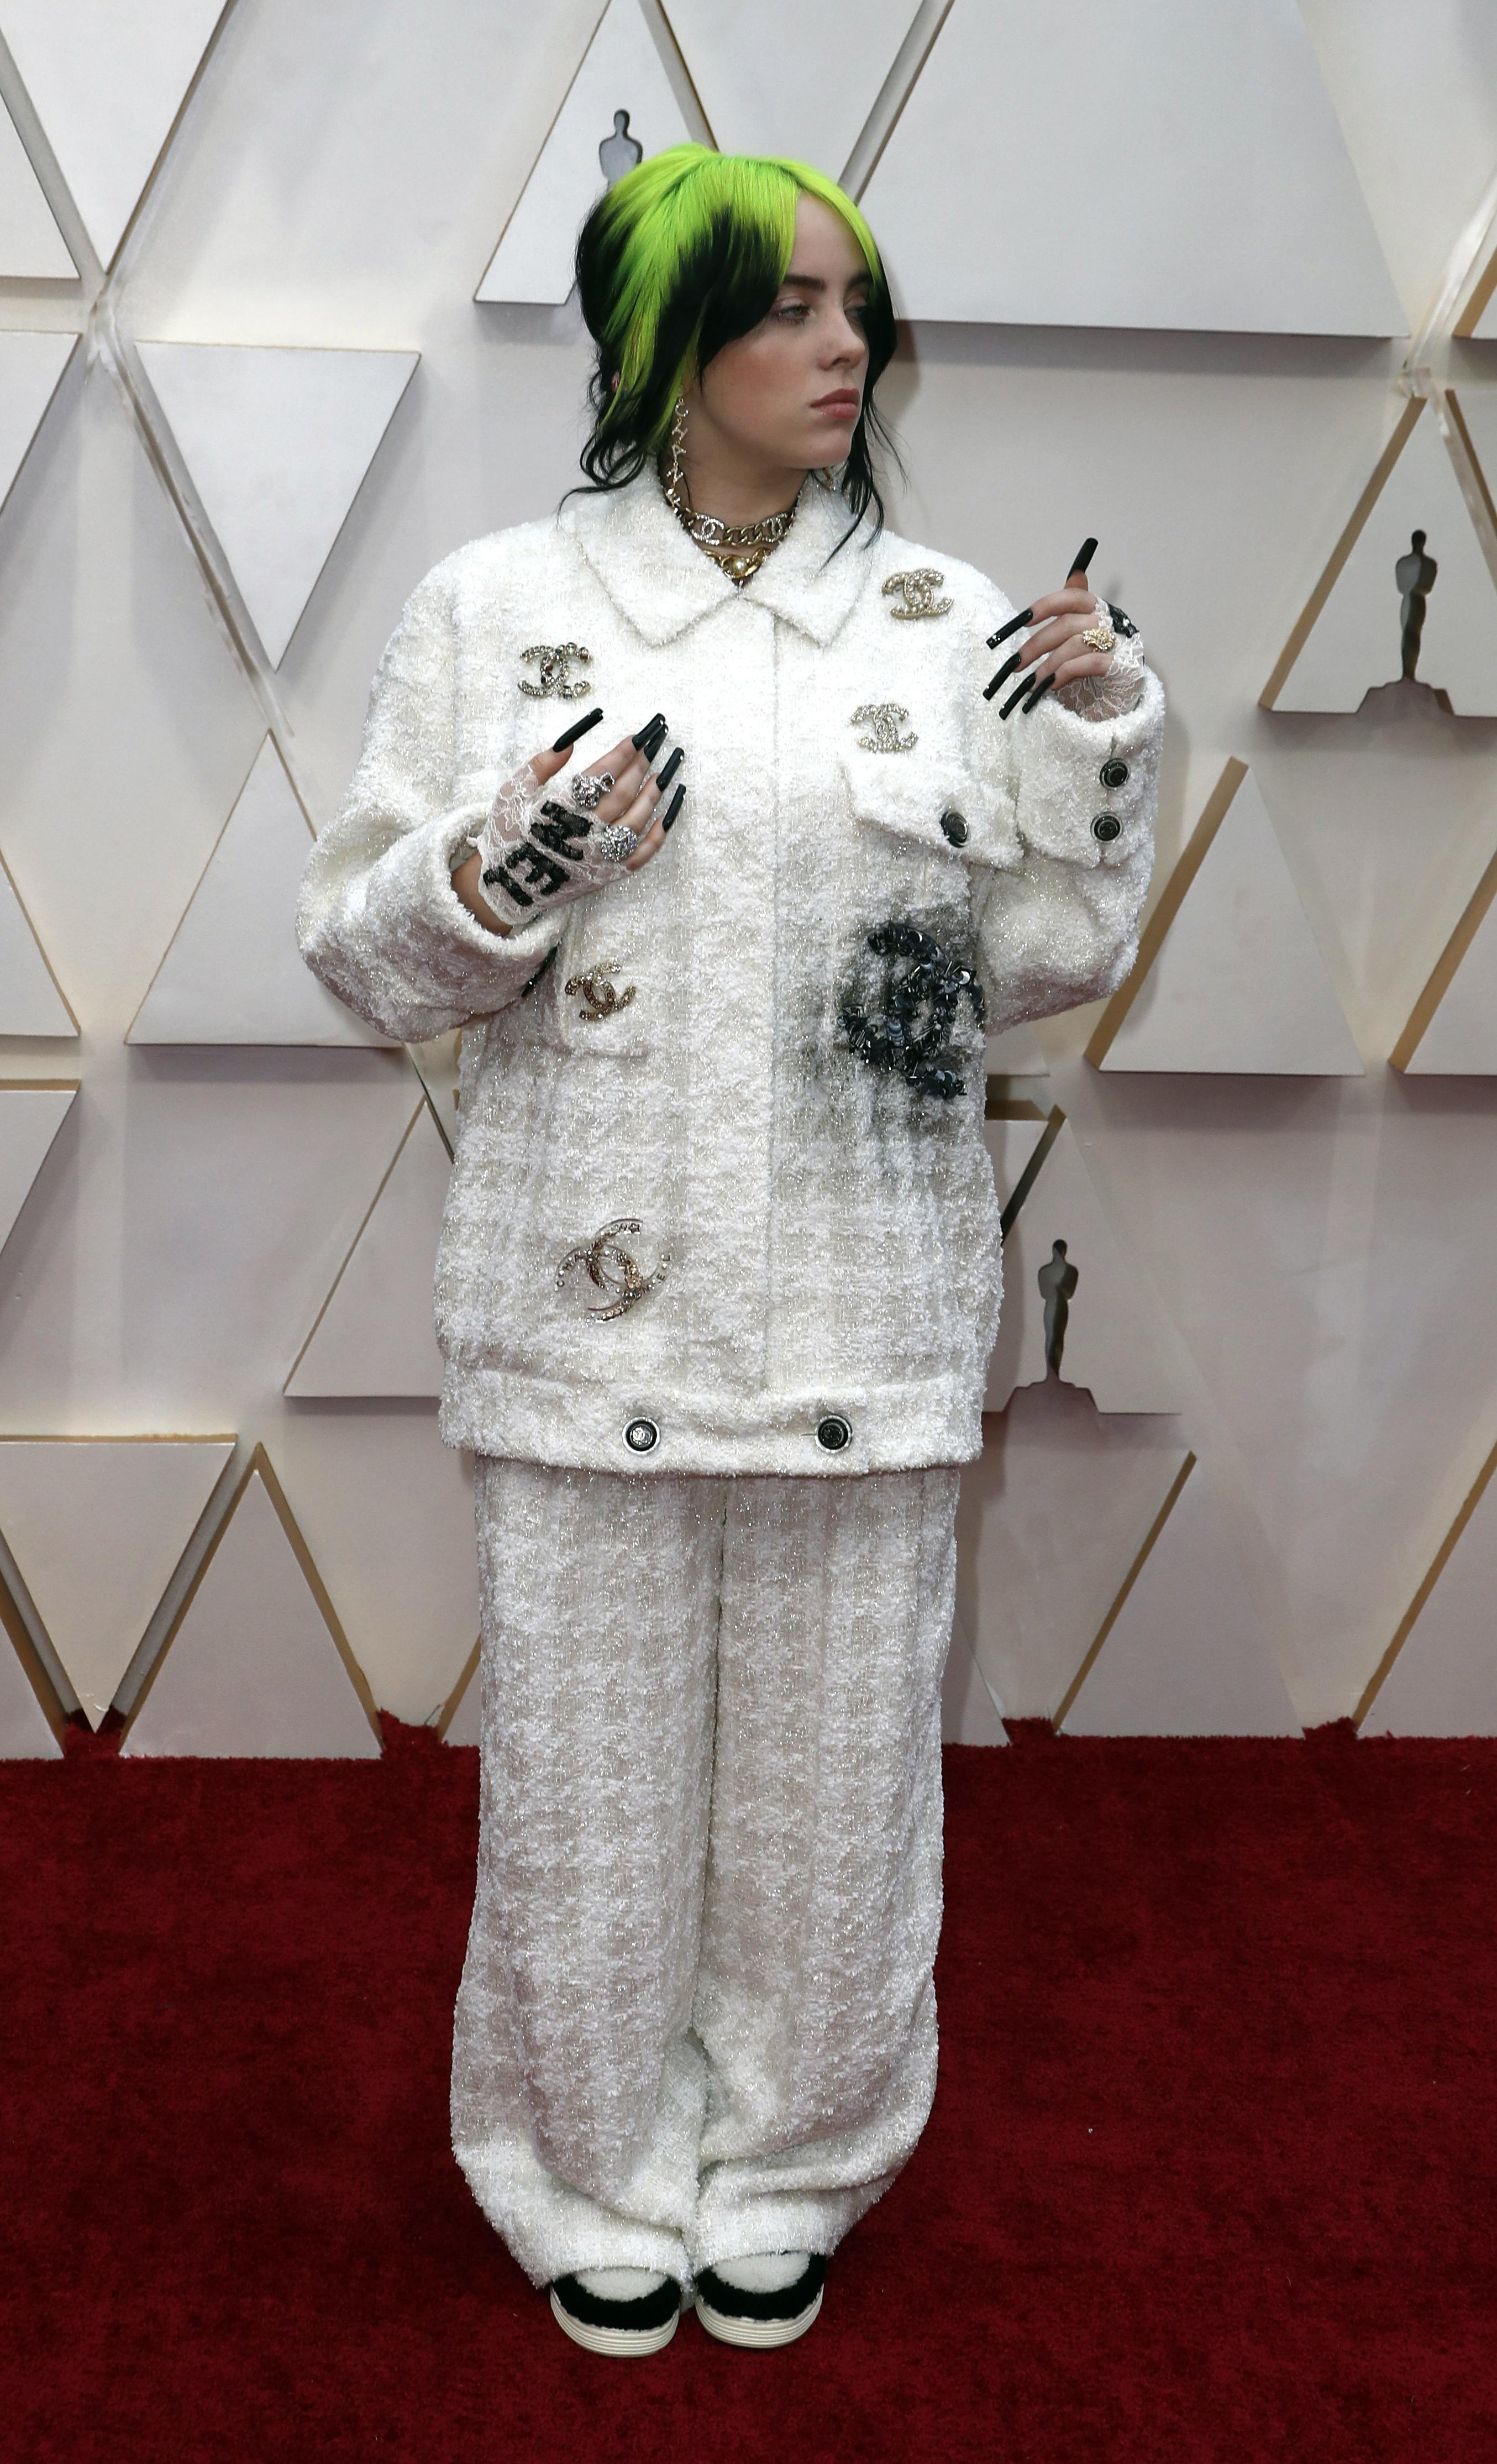 La cantante del momento Billie Eilish, lució un conjunto de Chanel en color blanco, con apliques bordados de la marca, deslumbró con su llegada en los Academy Awards en la edición número 92